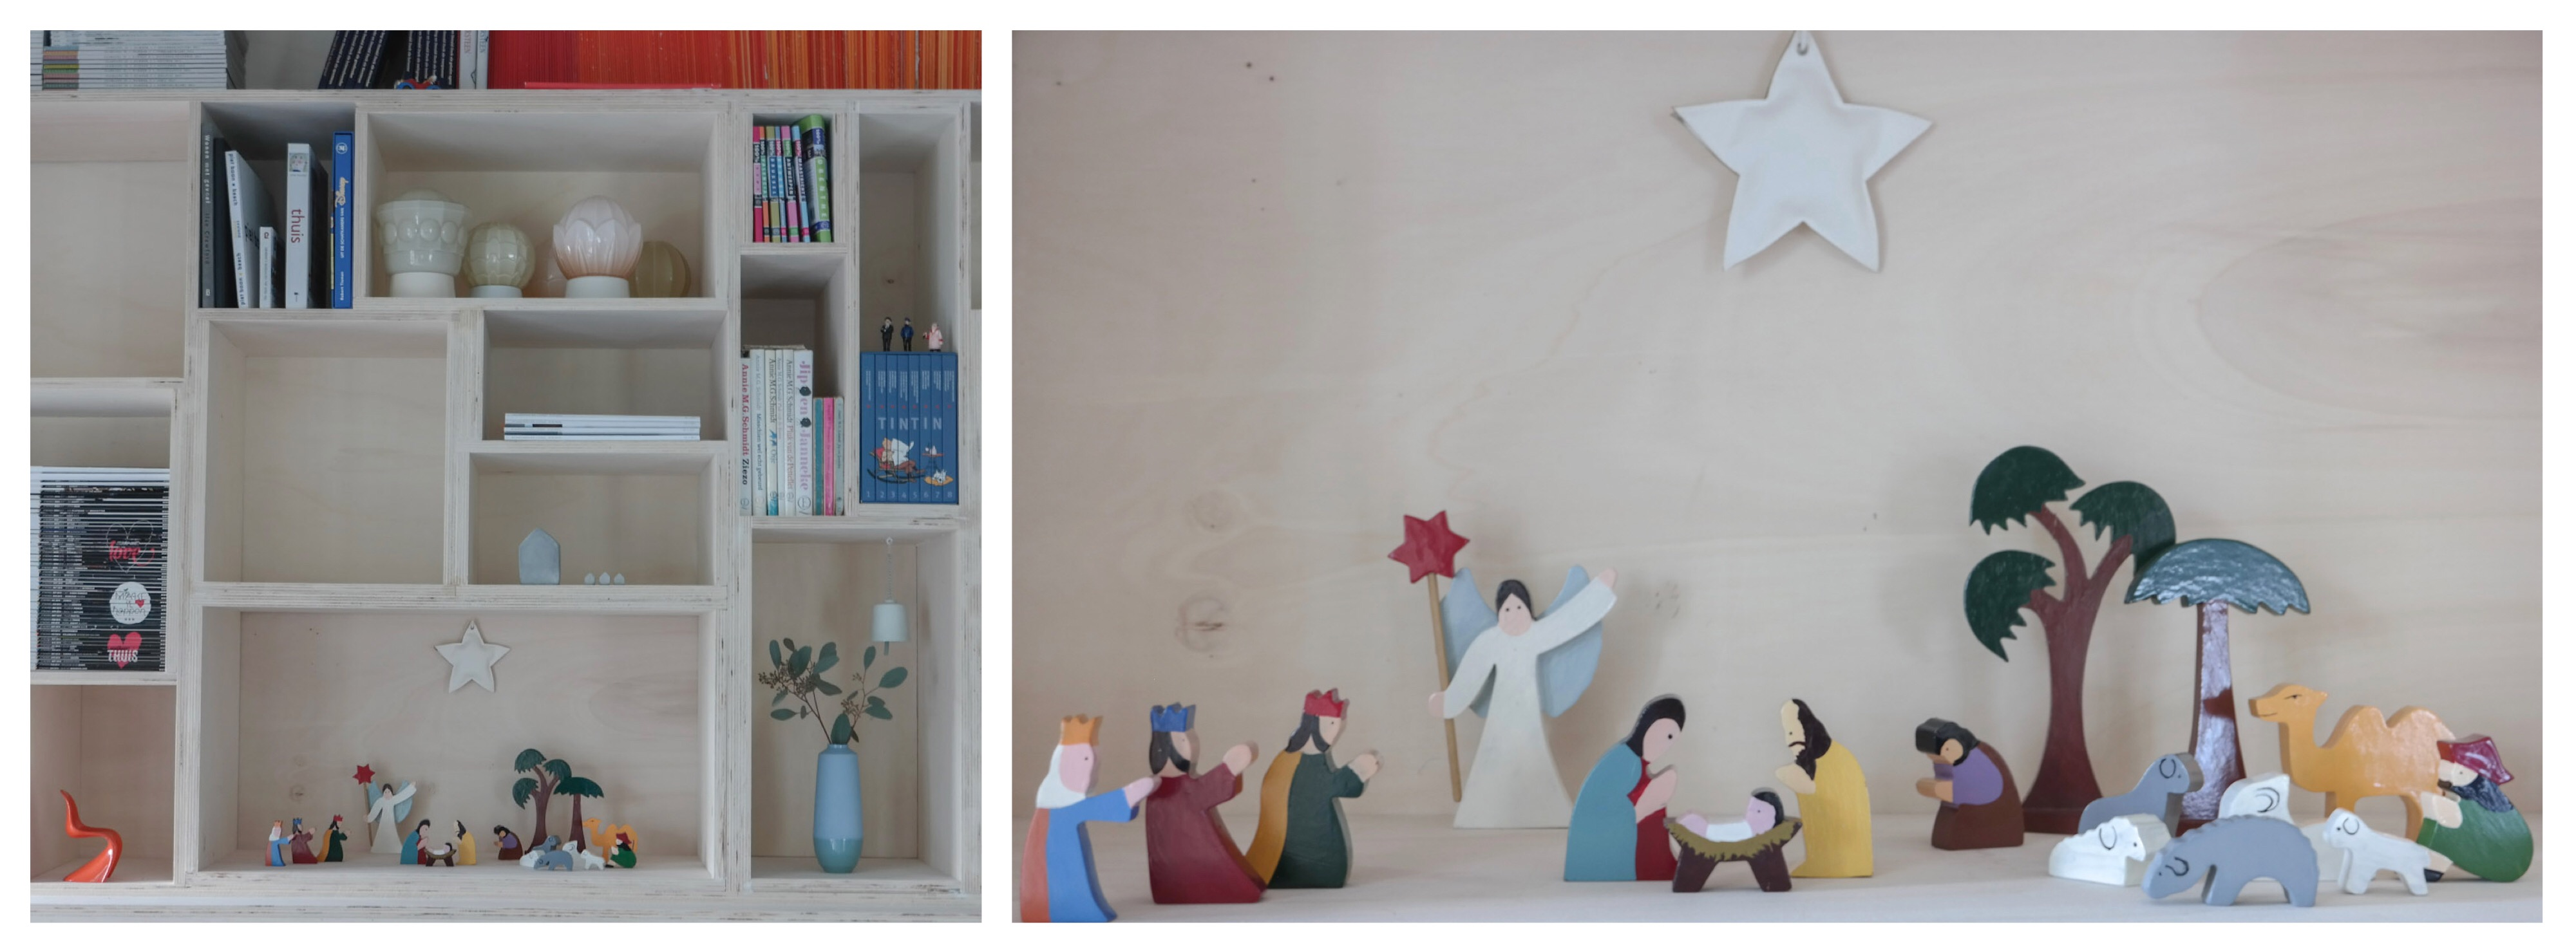 thuis op nummer 14 - Driekoningen, dag Kersthuis 2017